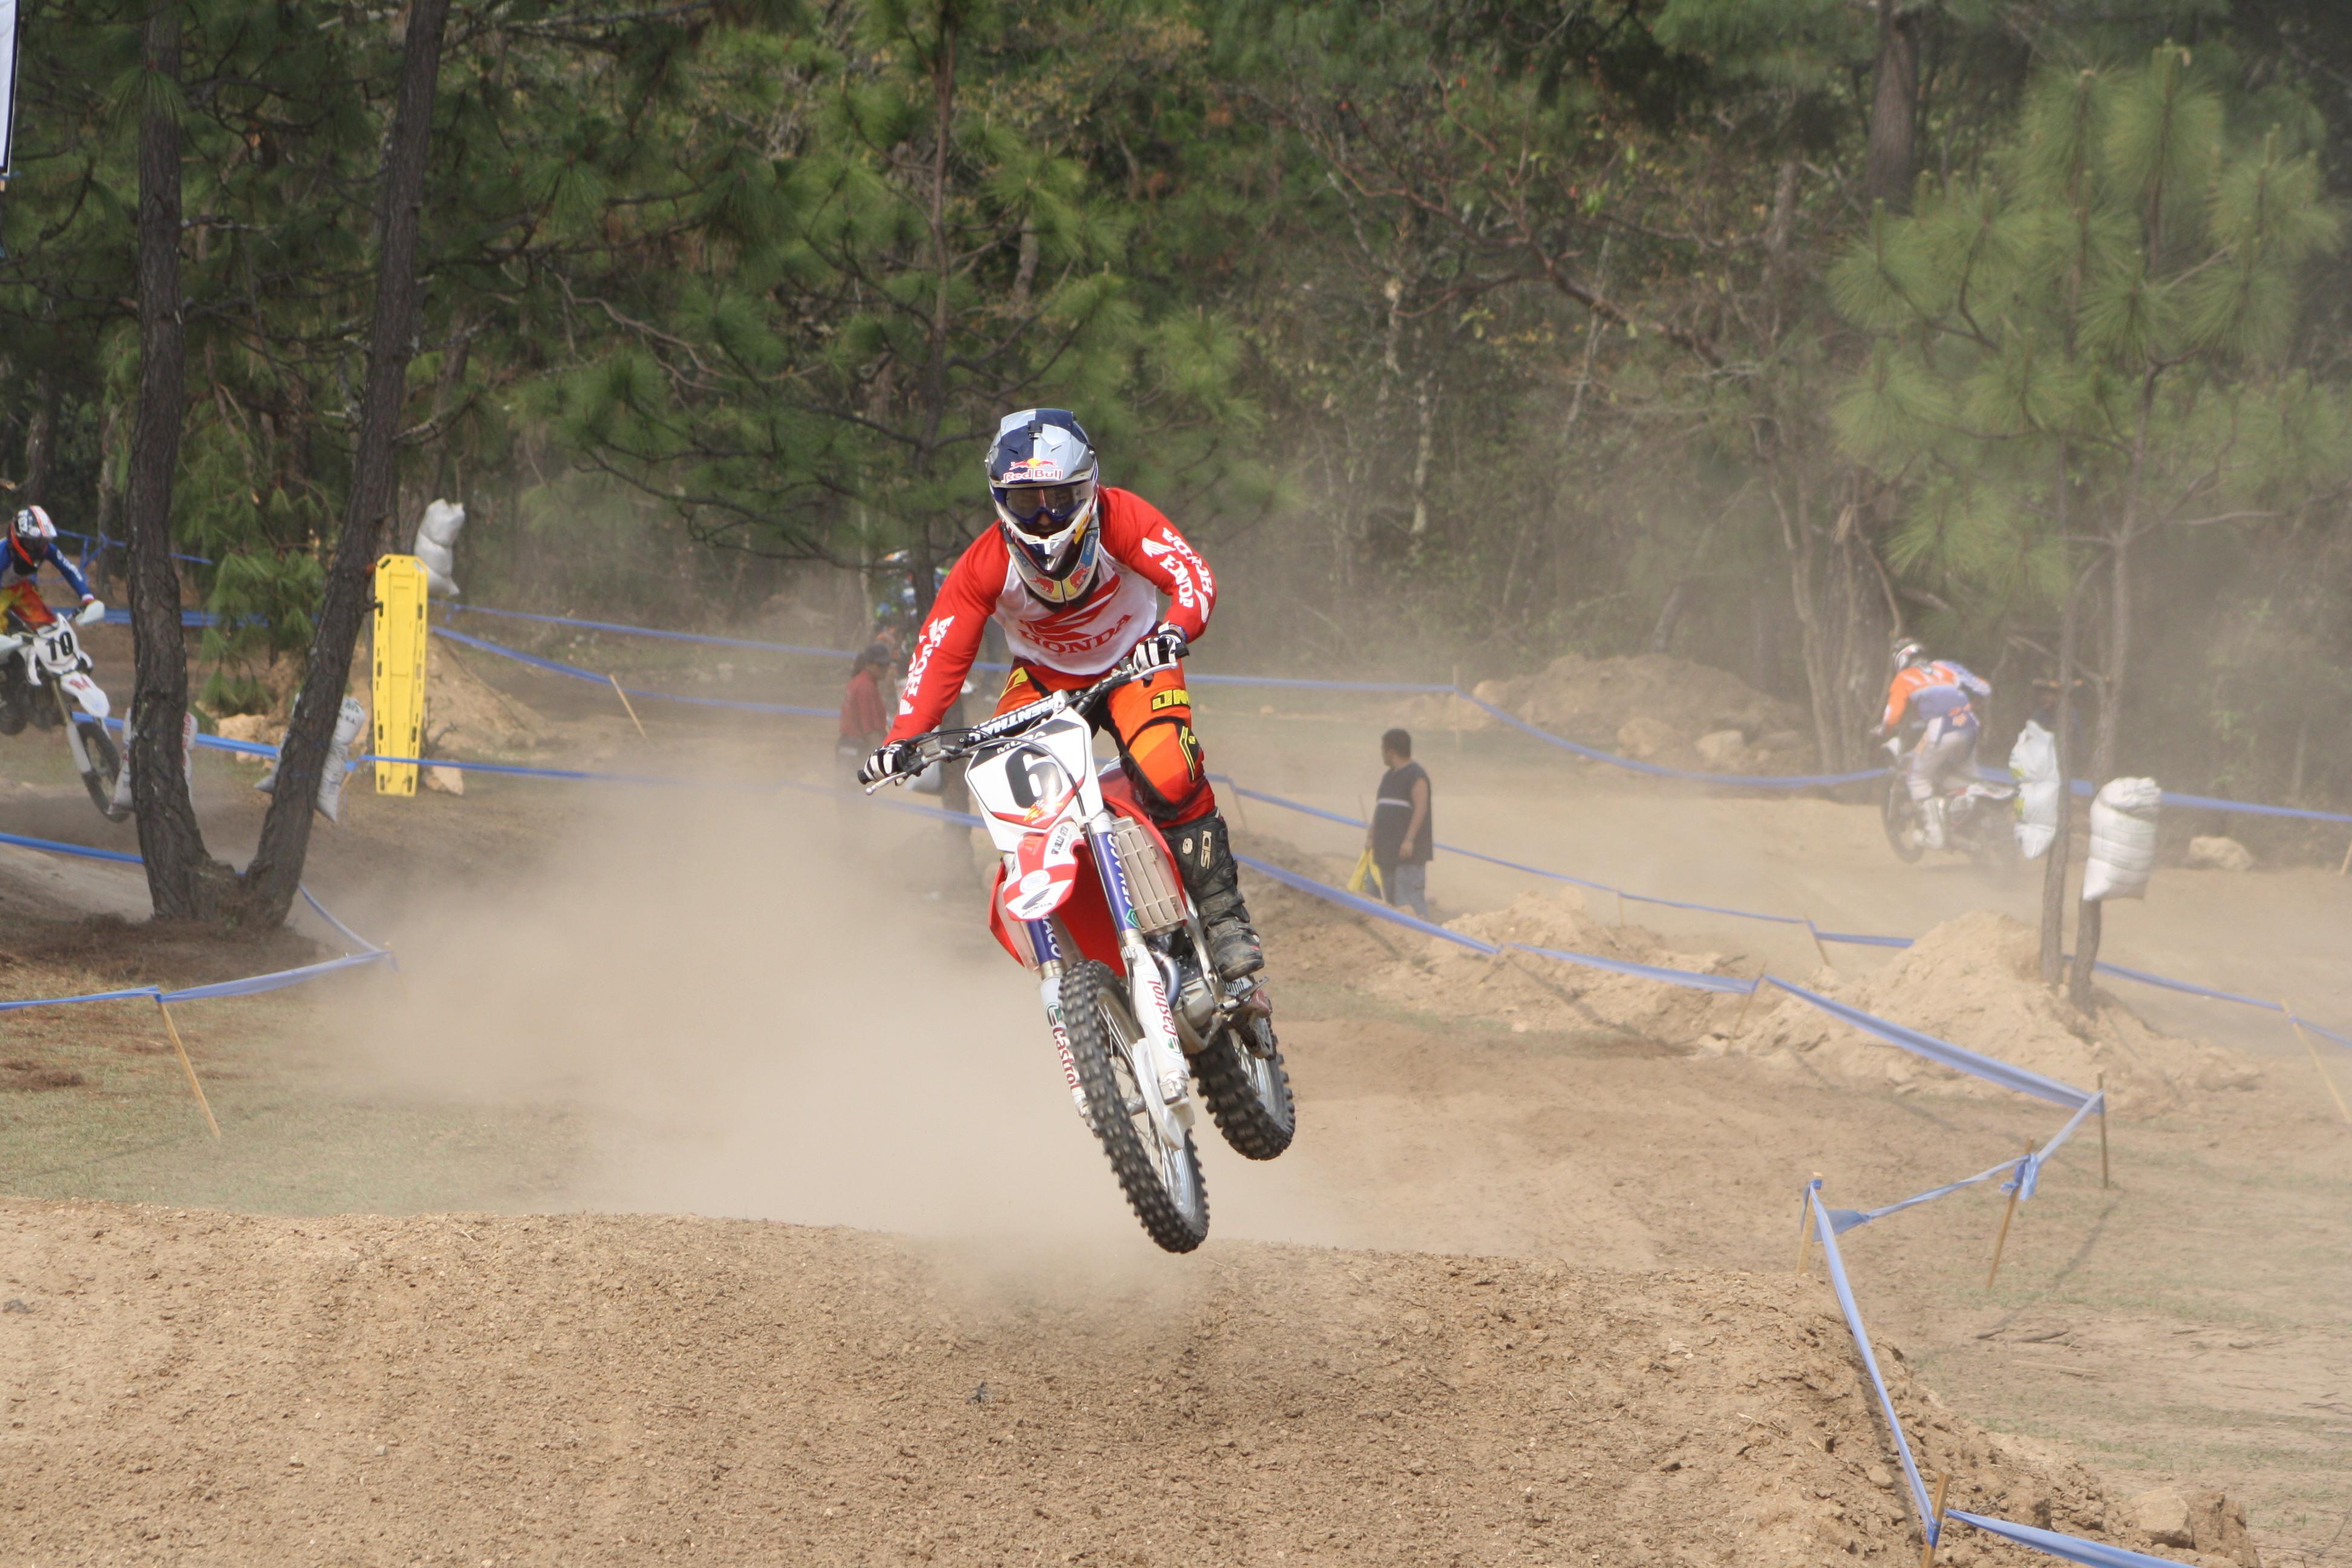 Fecha del motocross en Chiquimula